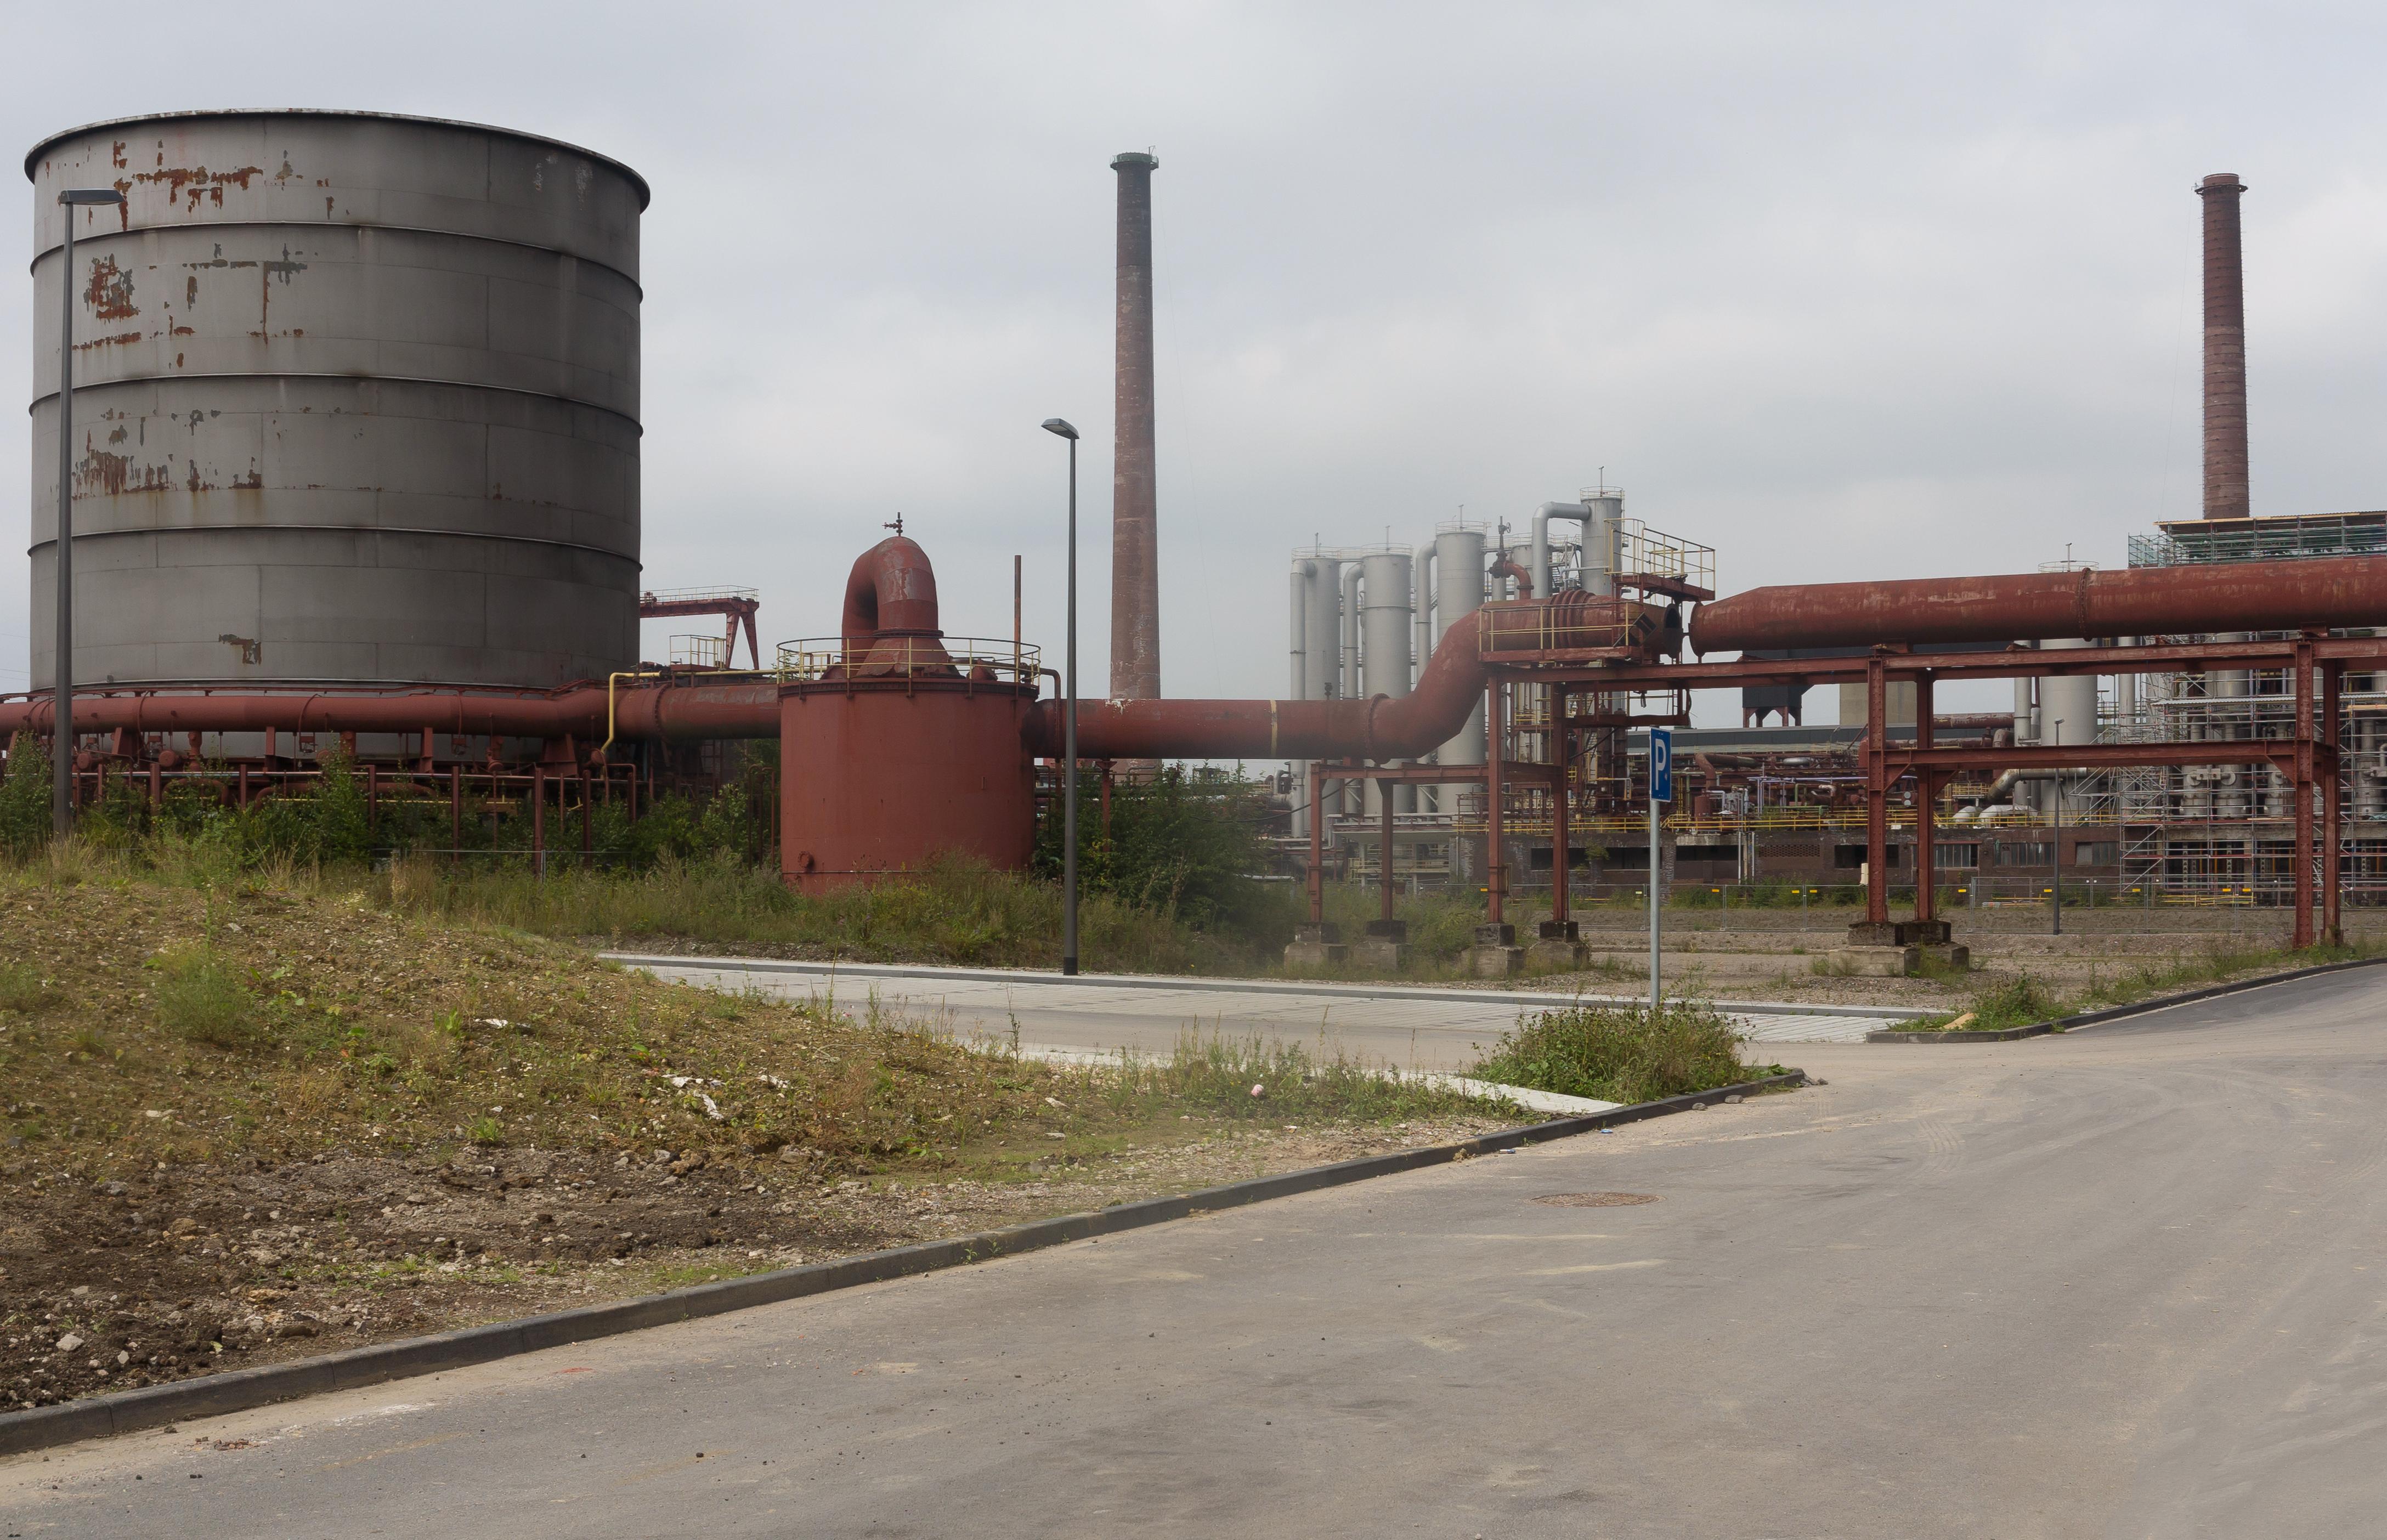 Datei:Essen-Stoppenberg, onderdeel van Zeche Zollverein Dm911 foto7 2016-08-